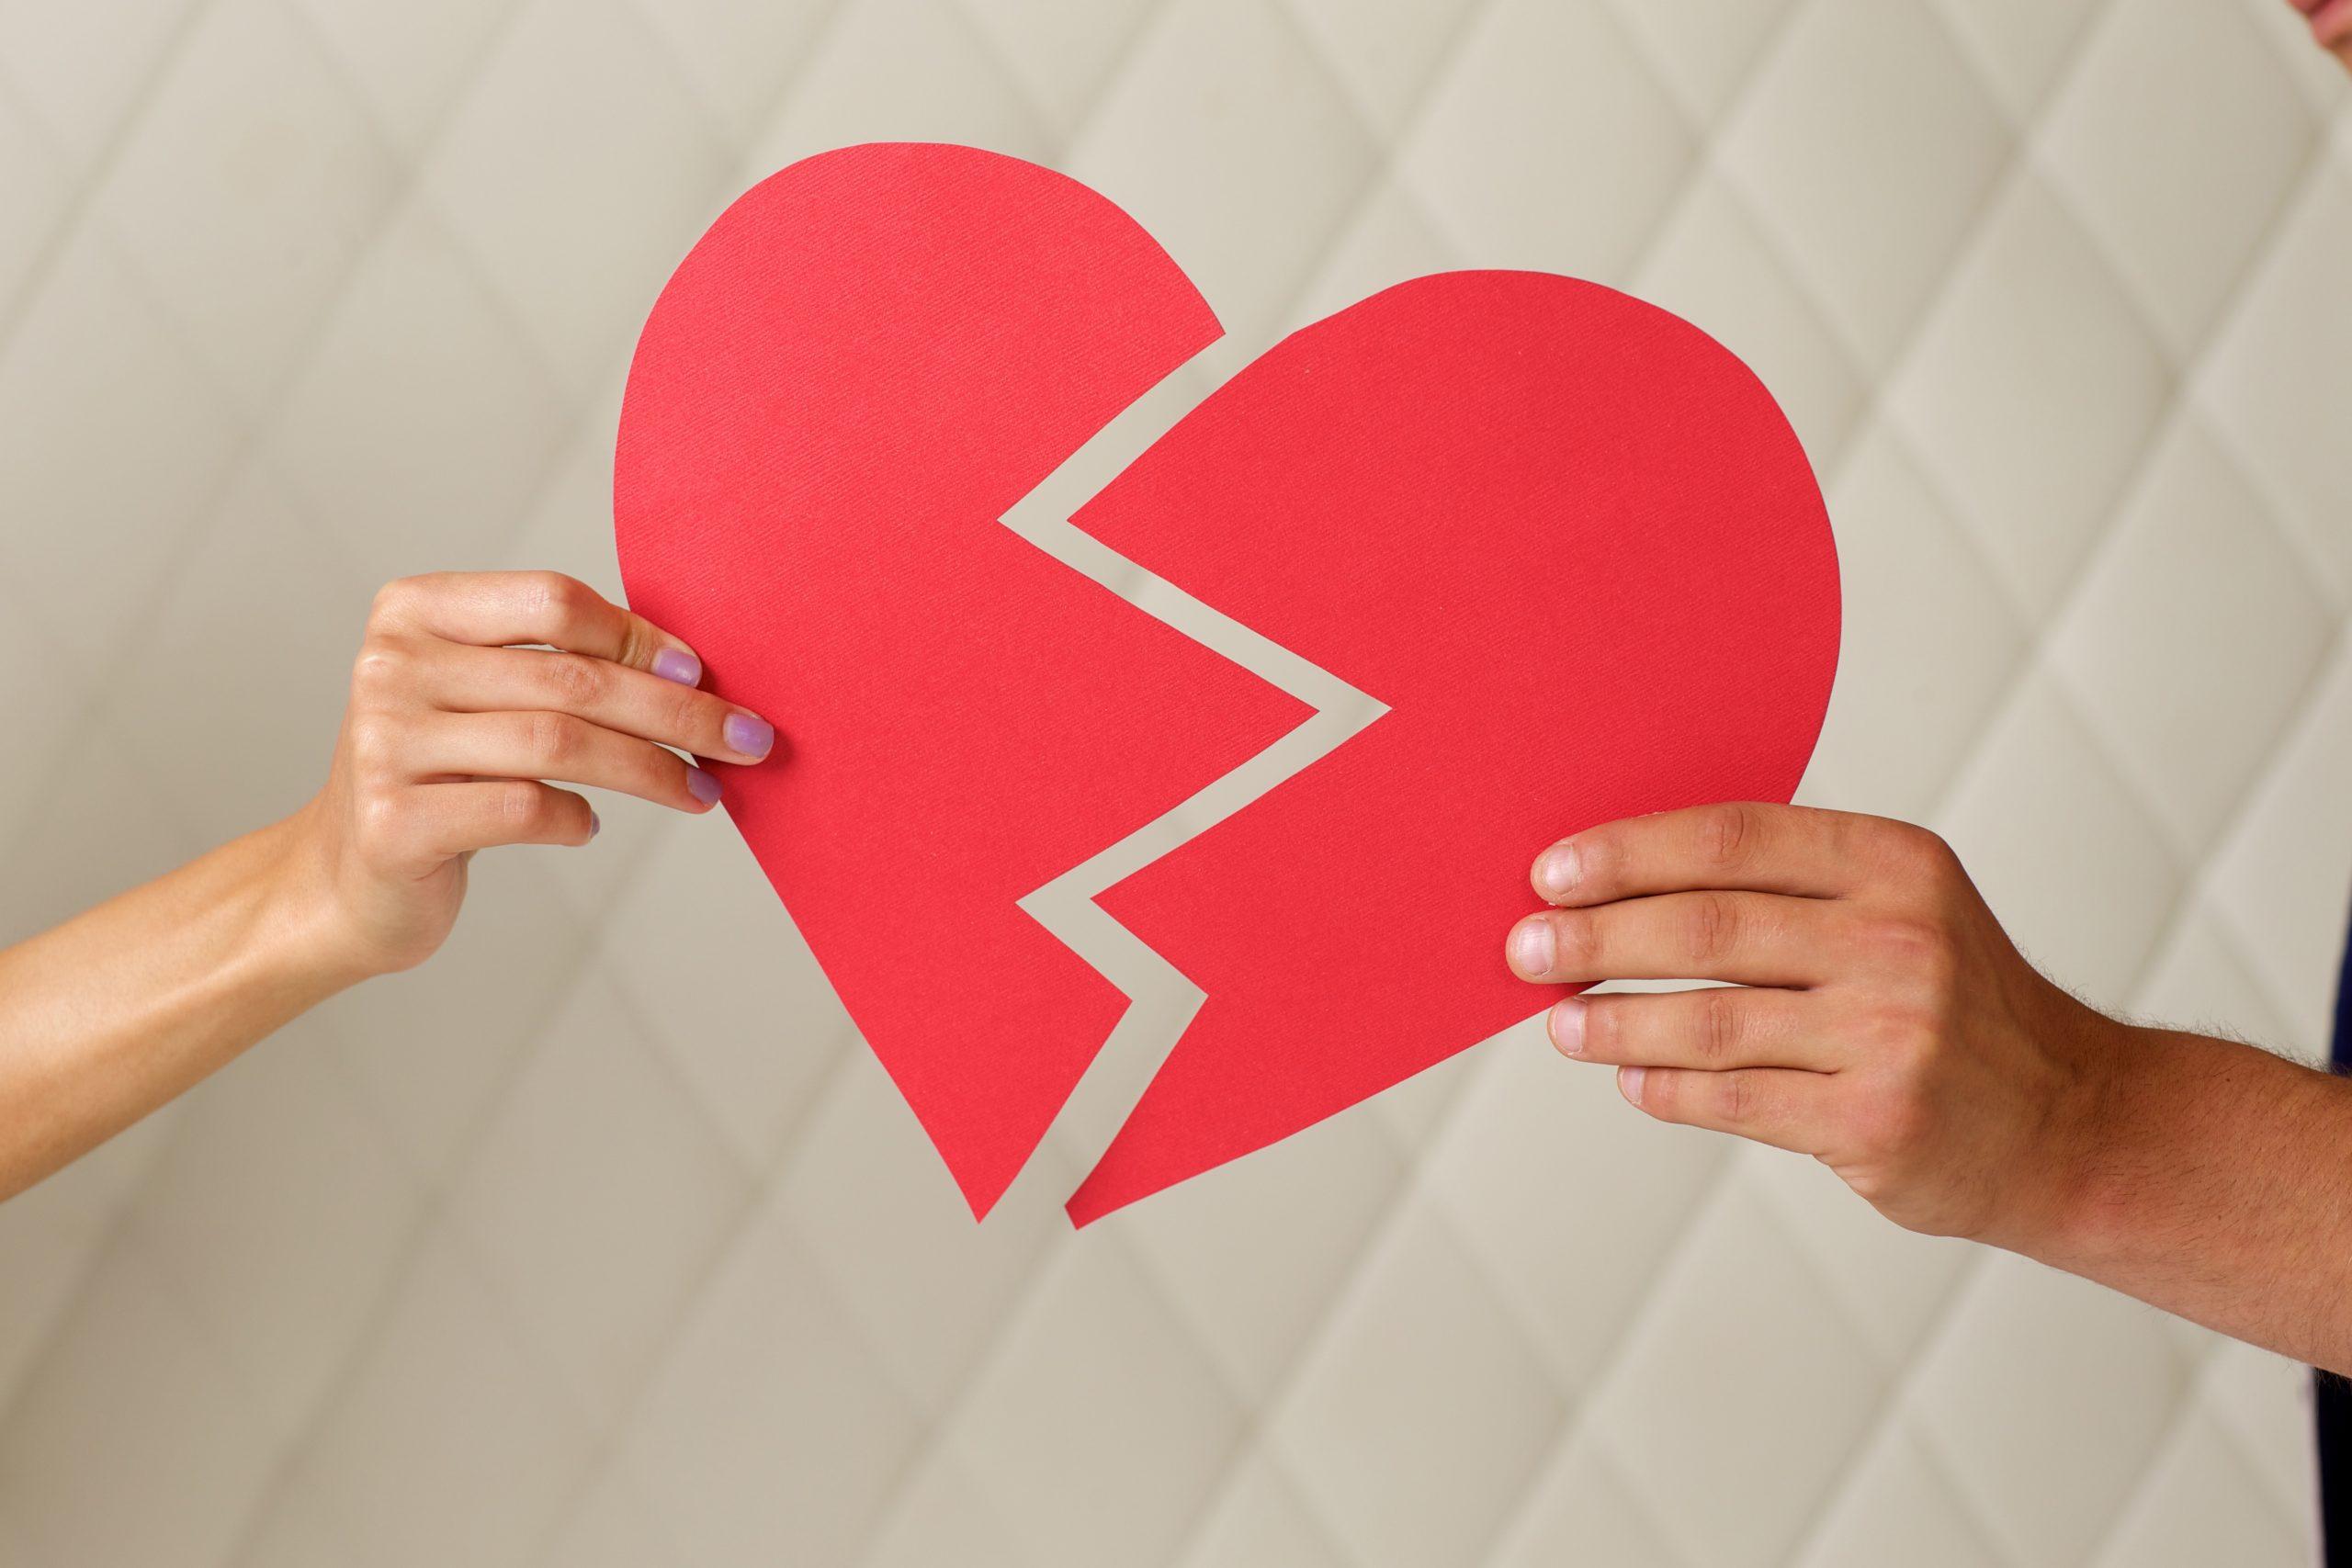 付き合いたてのあなたへ。注意すべき「すぐに別れるカップルの3つの特徴」